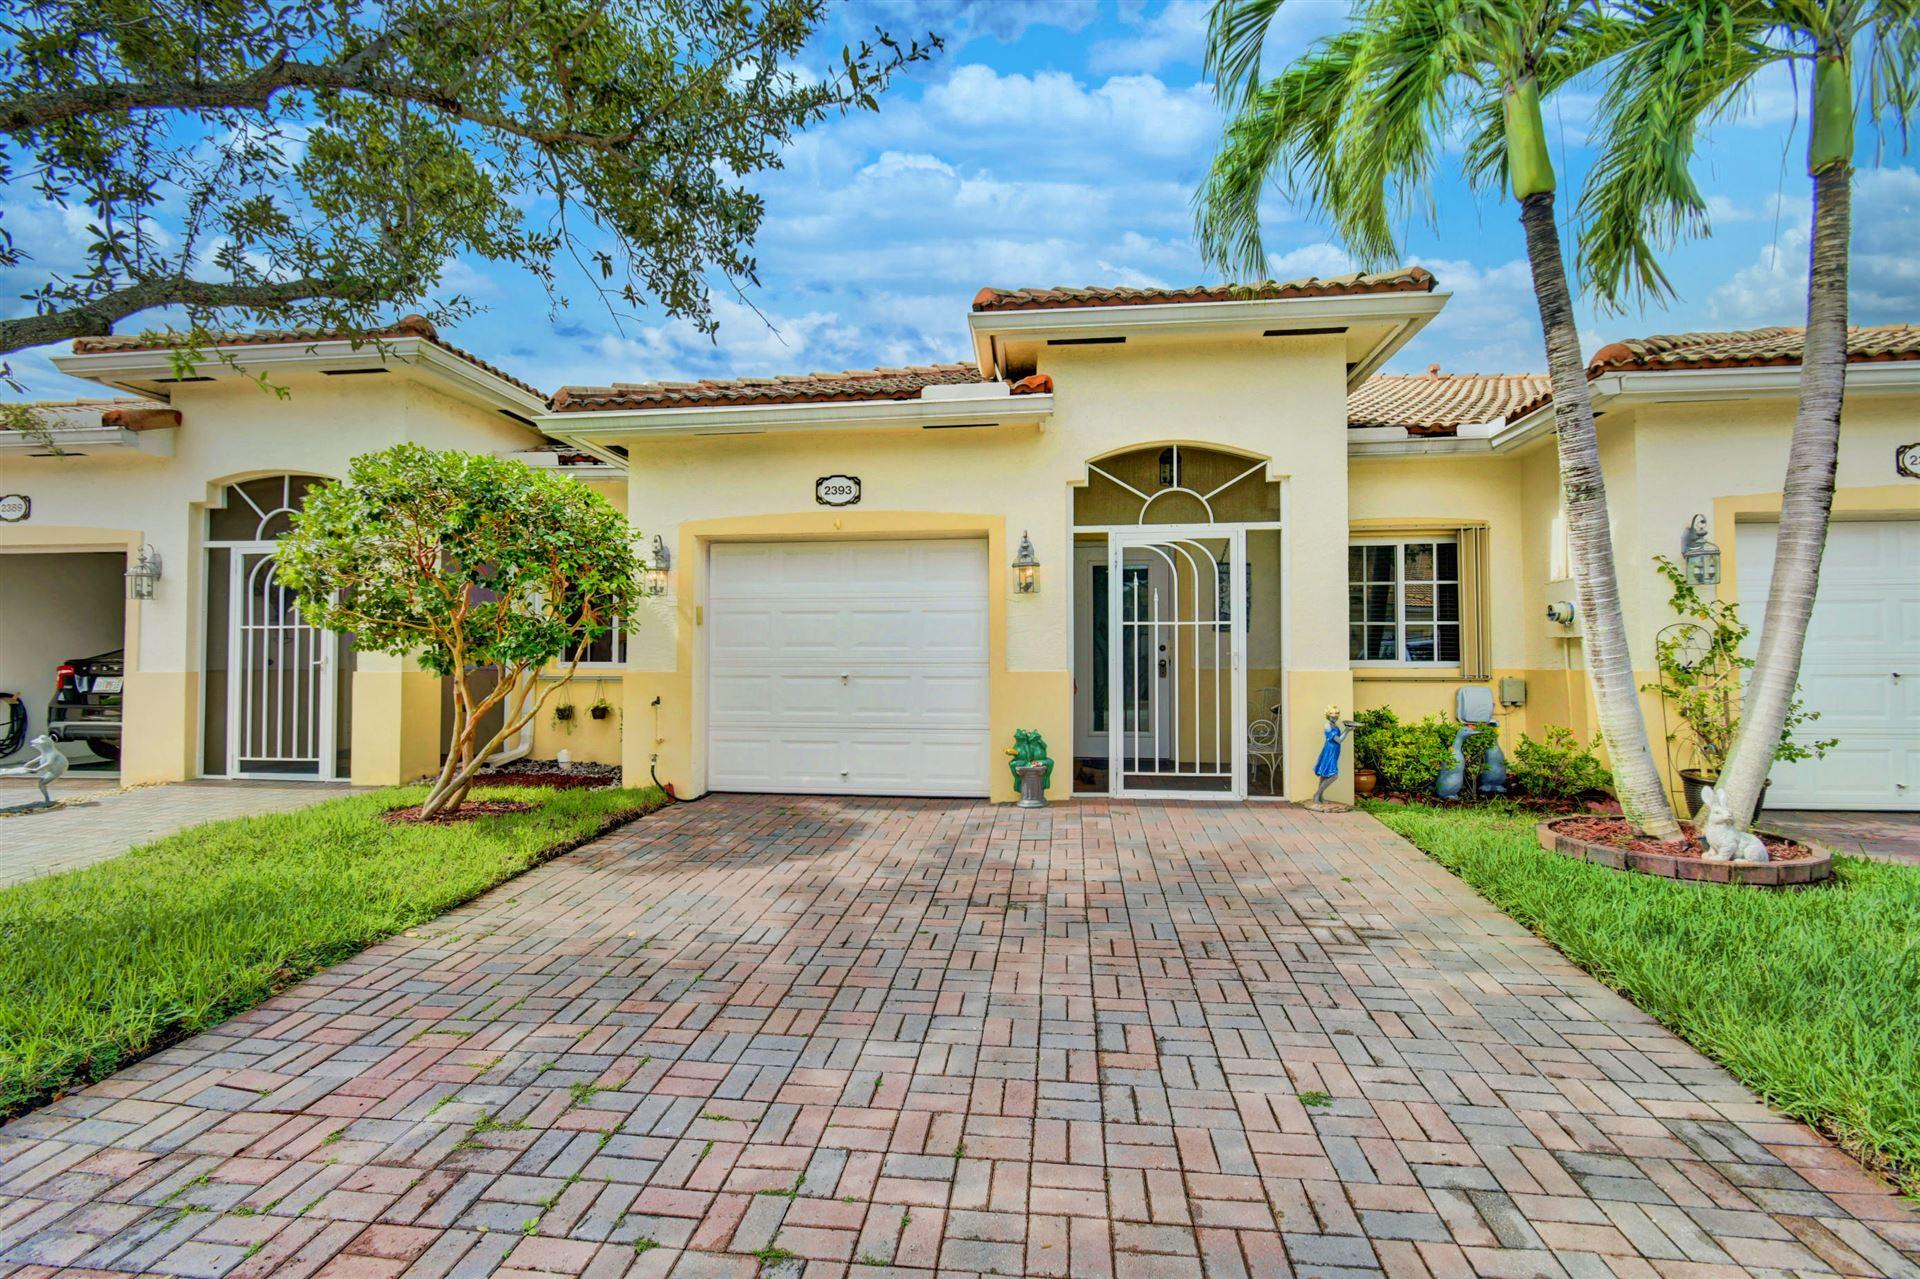 2393 Windjammer Way, West Palm Beach, FL 33411 - #: RX-10665044